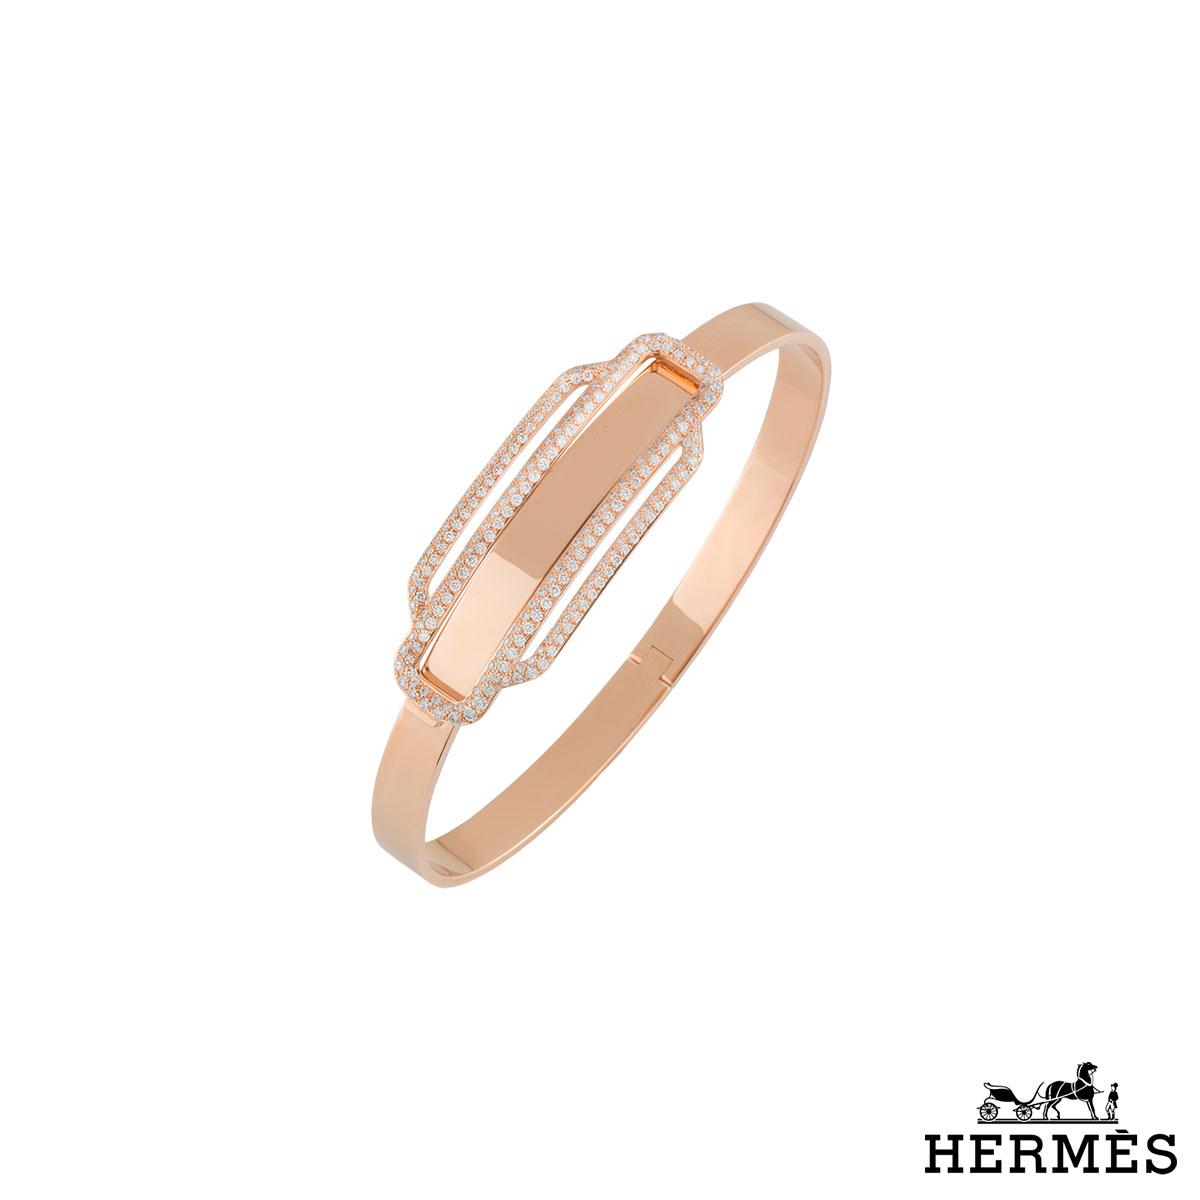 Hermes Rose Gold Diamond Bangle